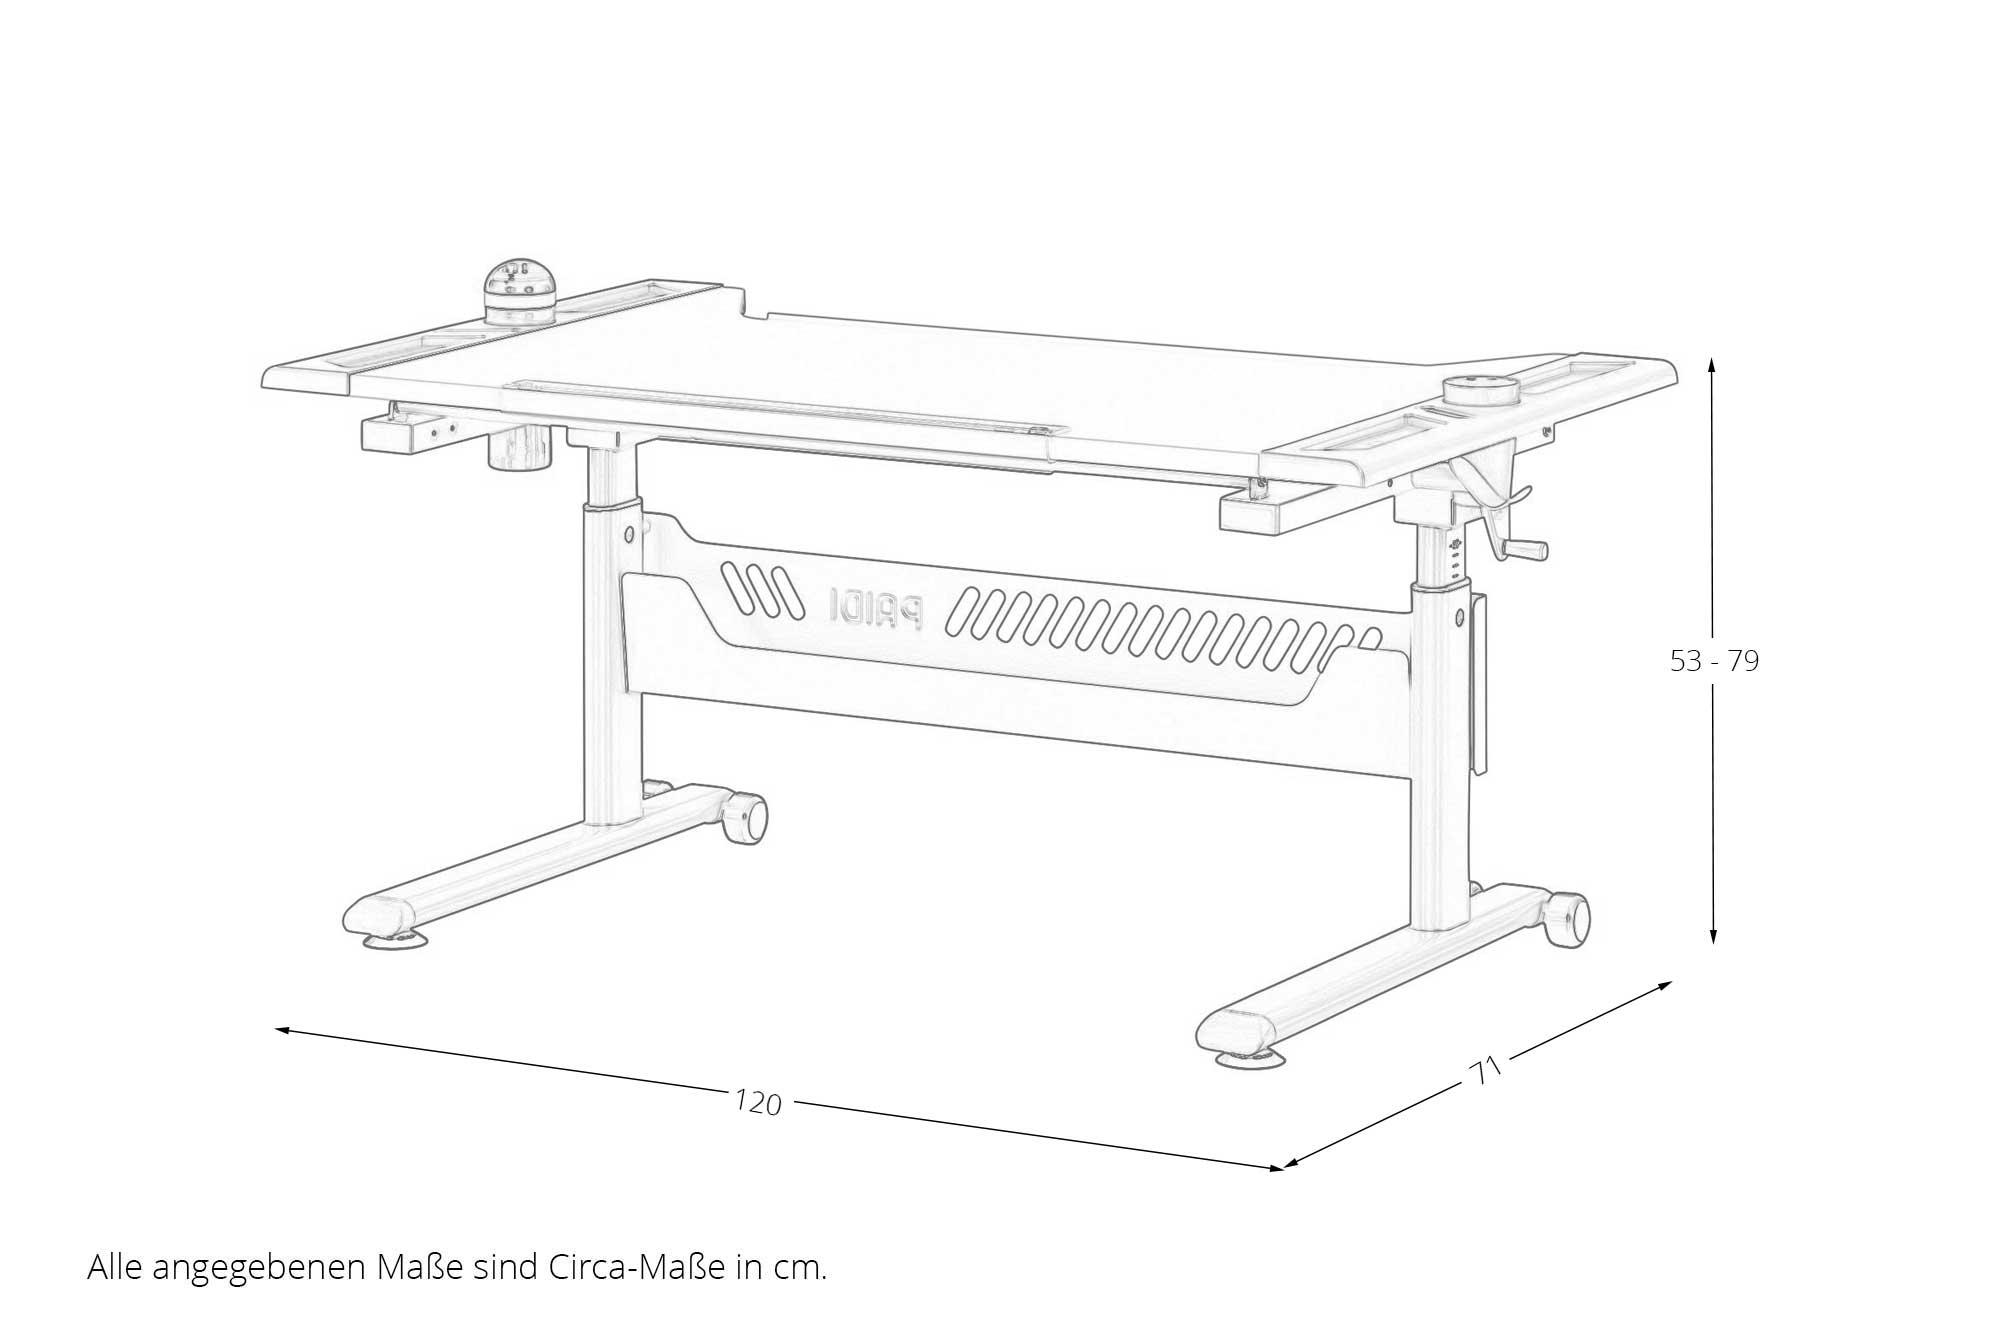 paidi tablo arbeitsplatz h henverstellbar m bel letz. Black Bedroom Furniture Sets. Home Design Ideas